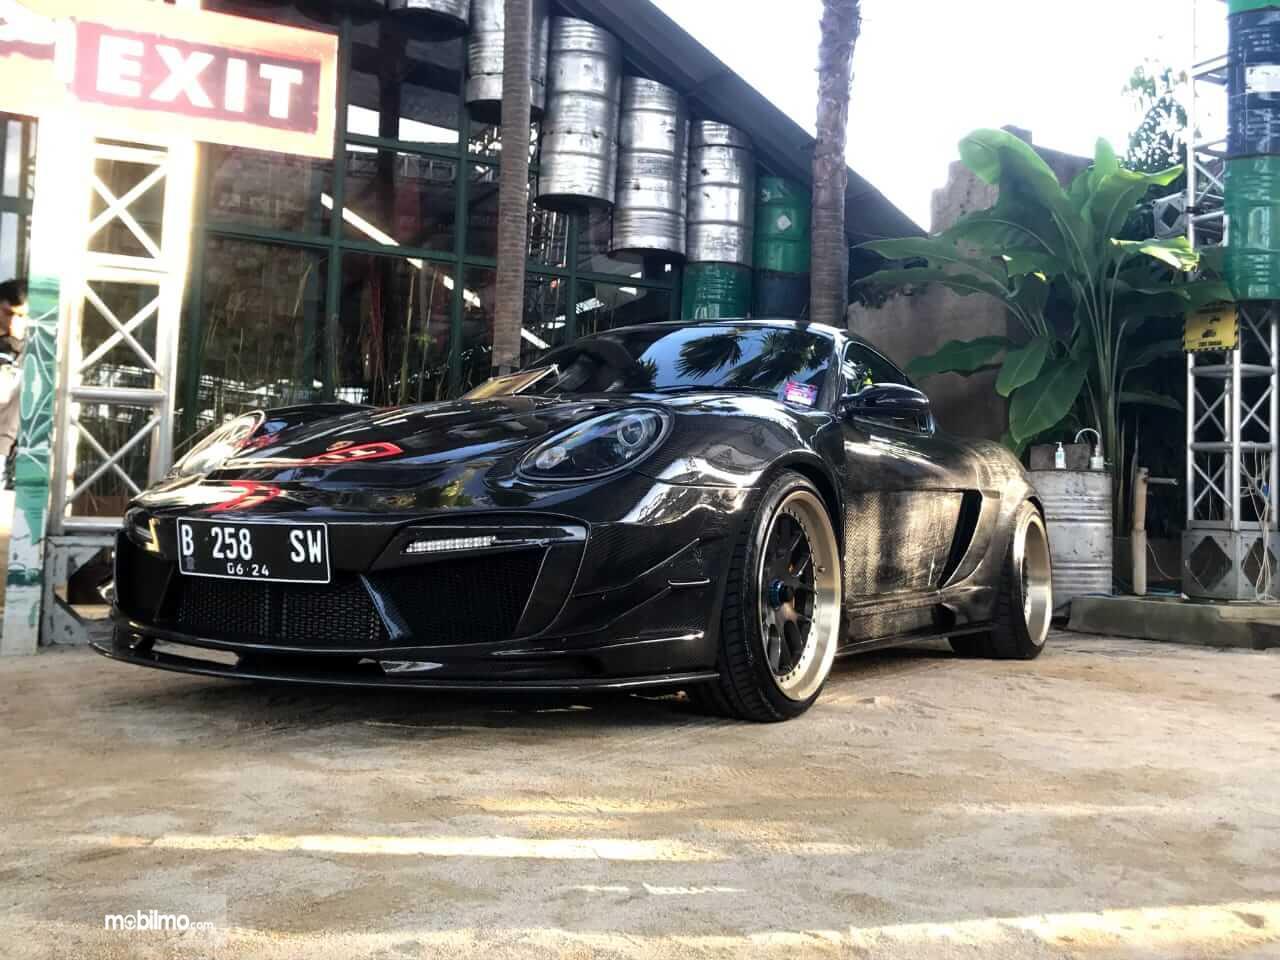 Gambar ini menunjukkan mobil Porsche Cayman full carbon yang jadi salah satu mobil terbaik di Indonesia